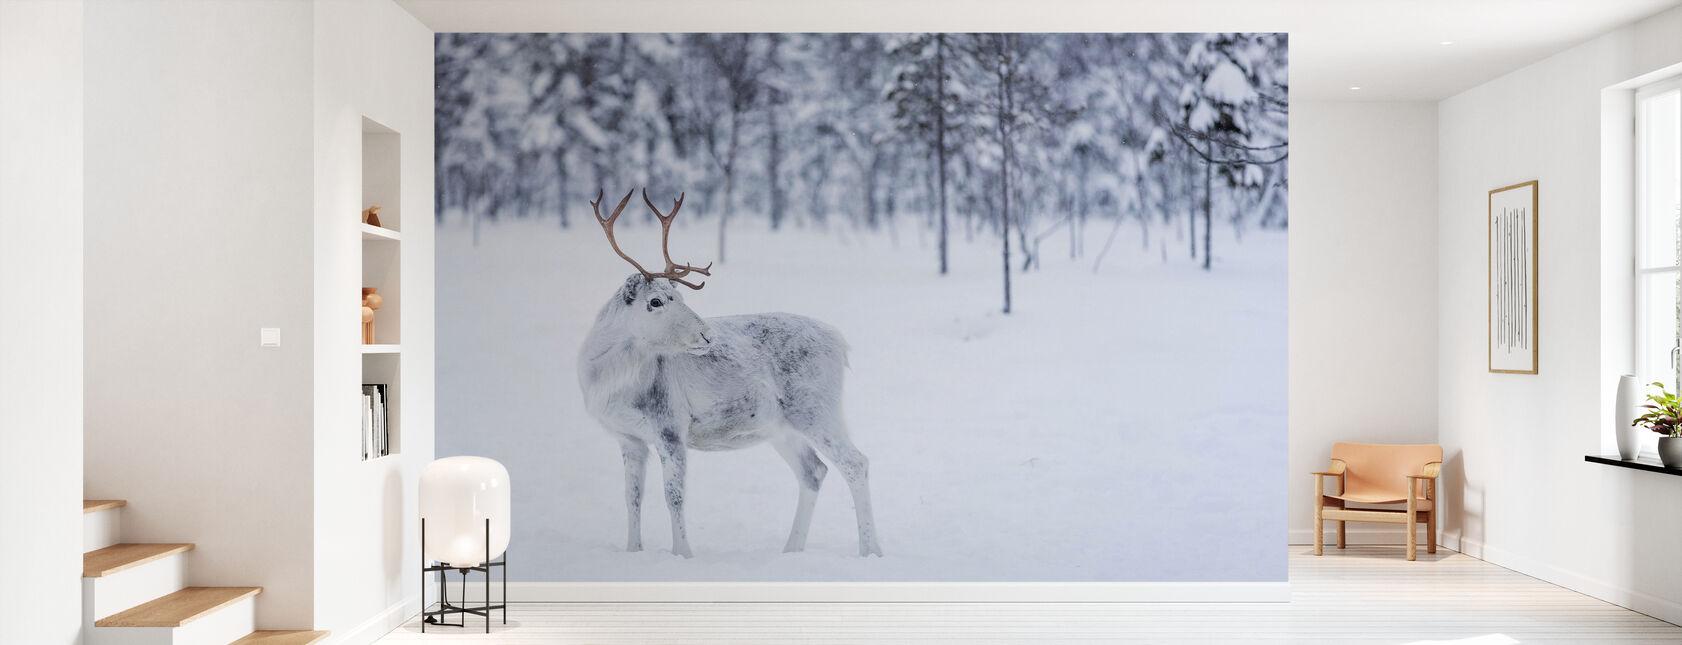 Reindeer II - Wallpaper - Hallway